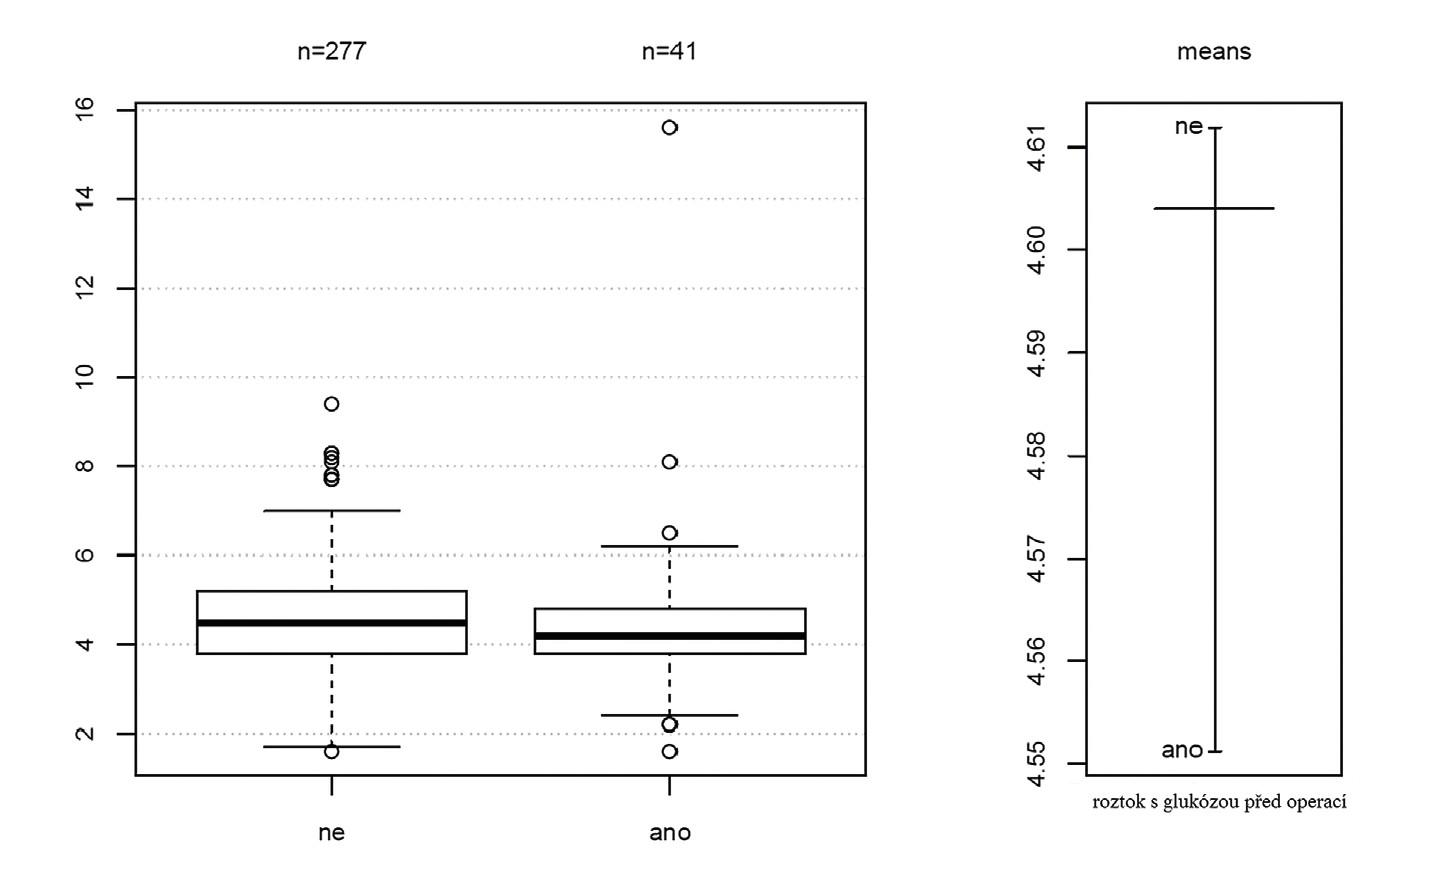 Rozložení hodnot glykémie před operací v závislosti na podání roztoku s glukózou